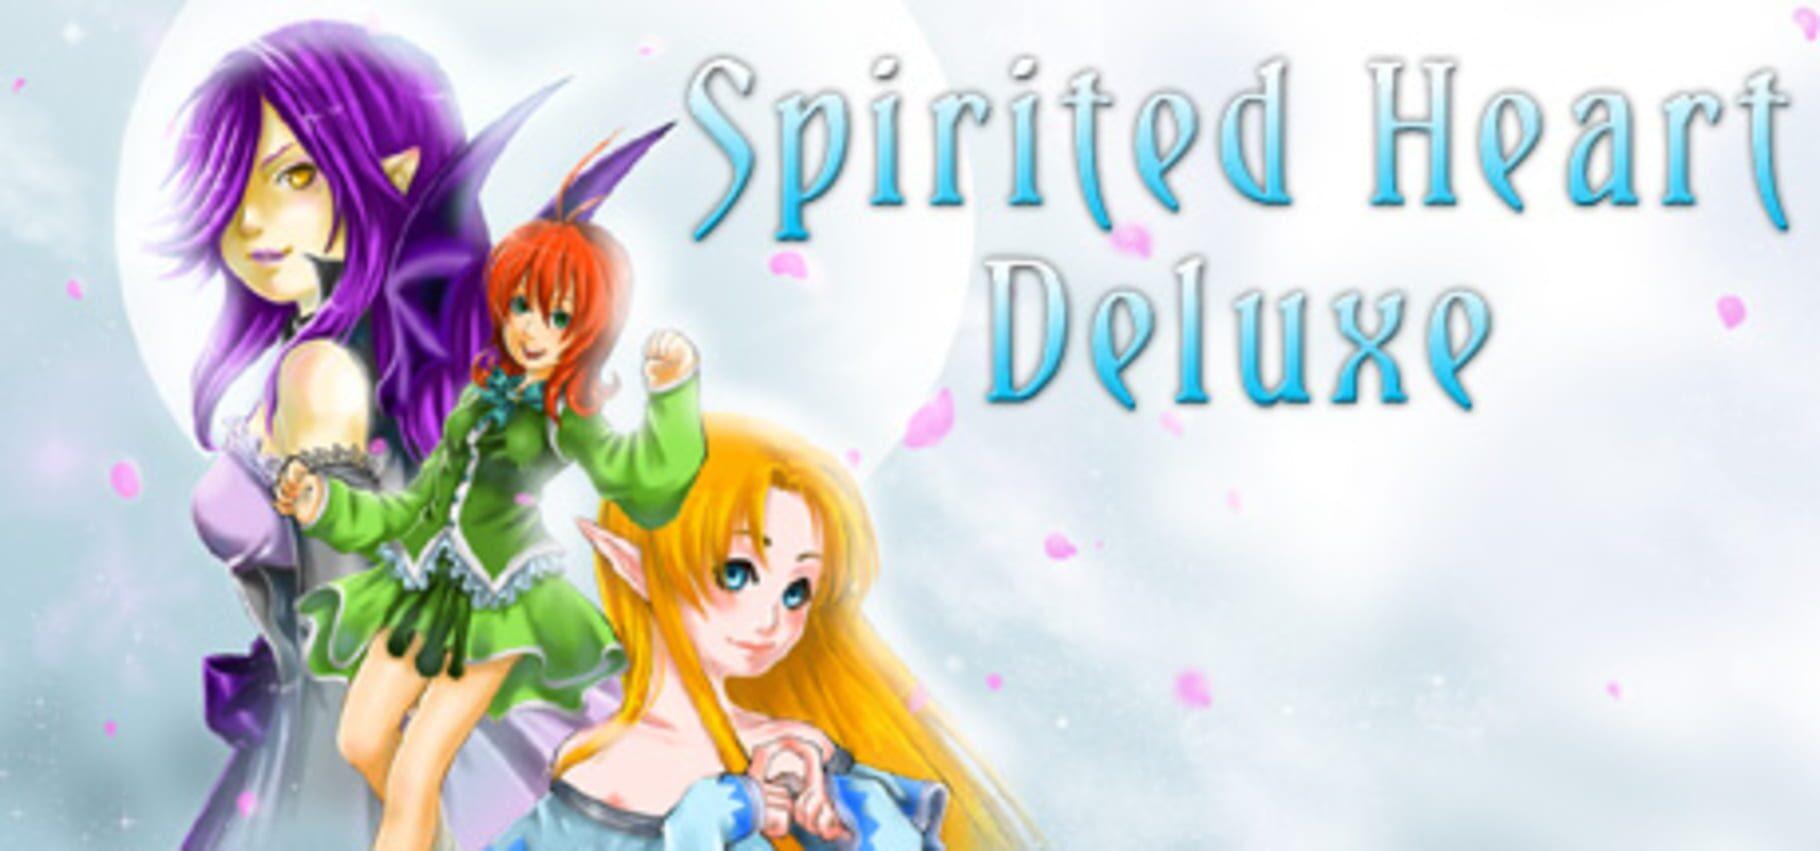 buy Spirited Heart cd key for all platform